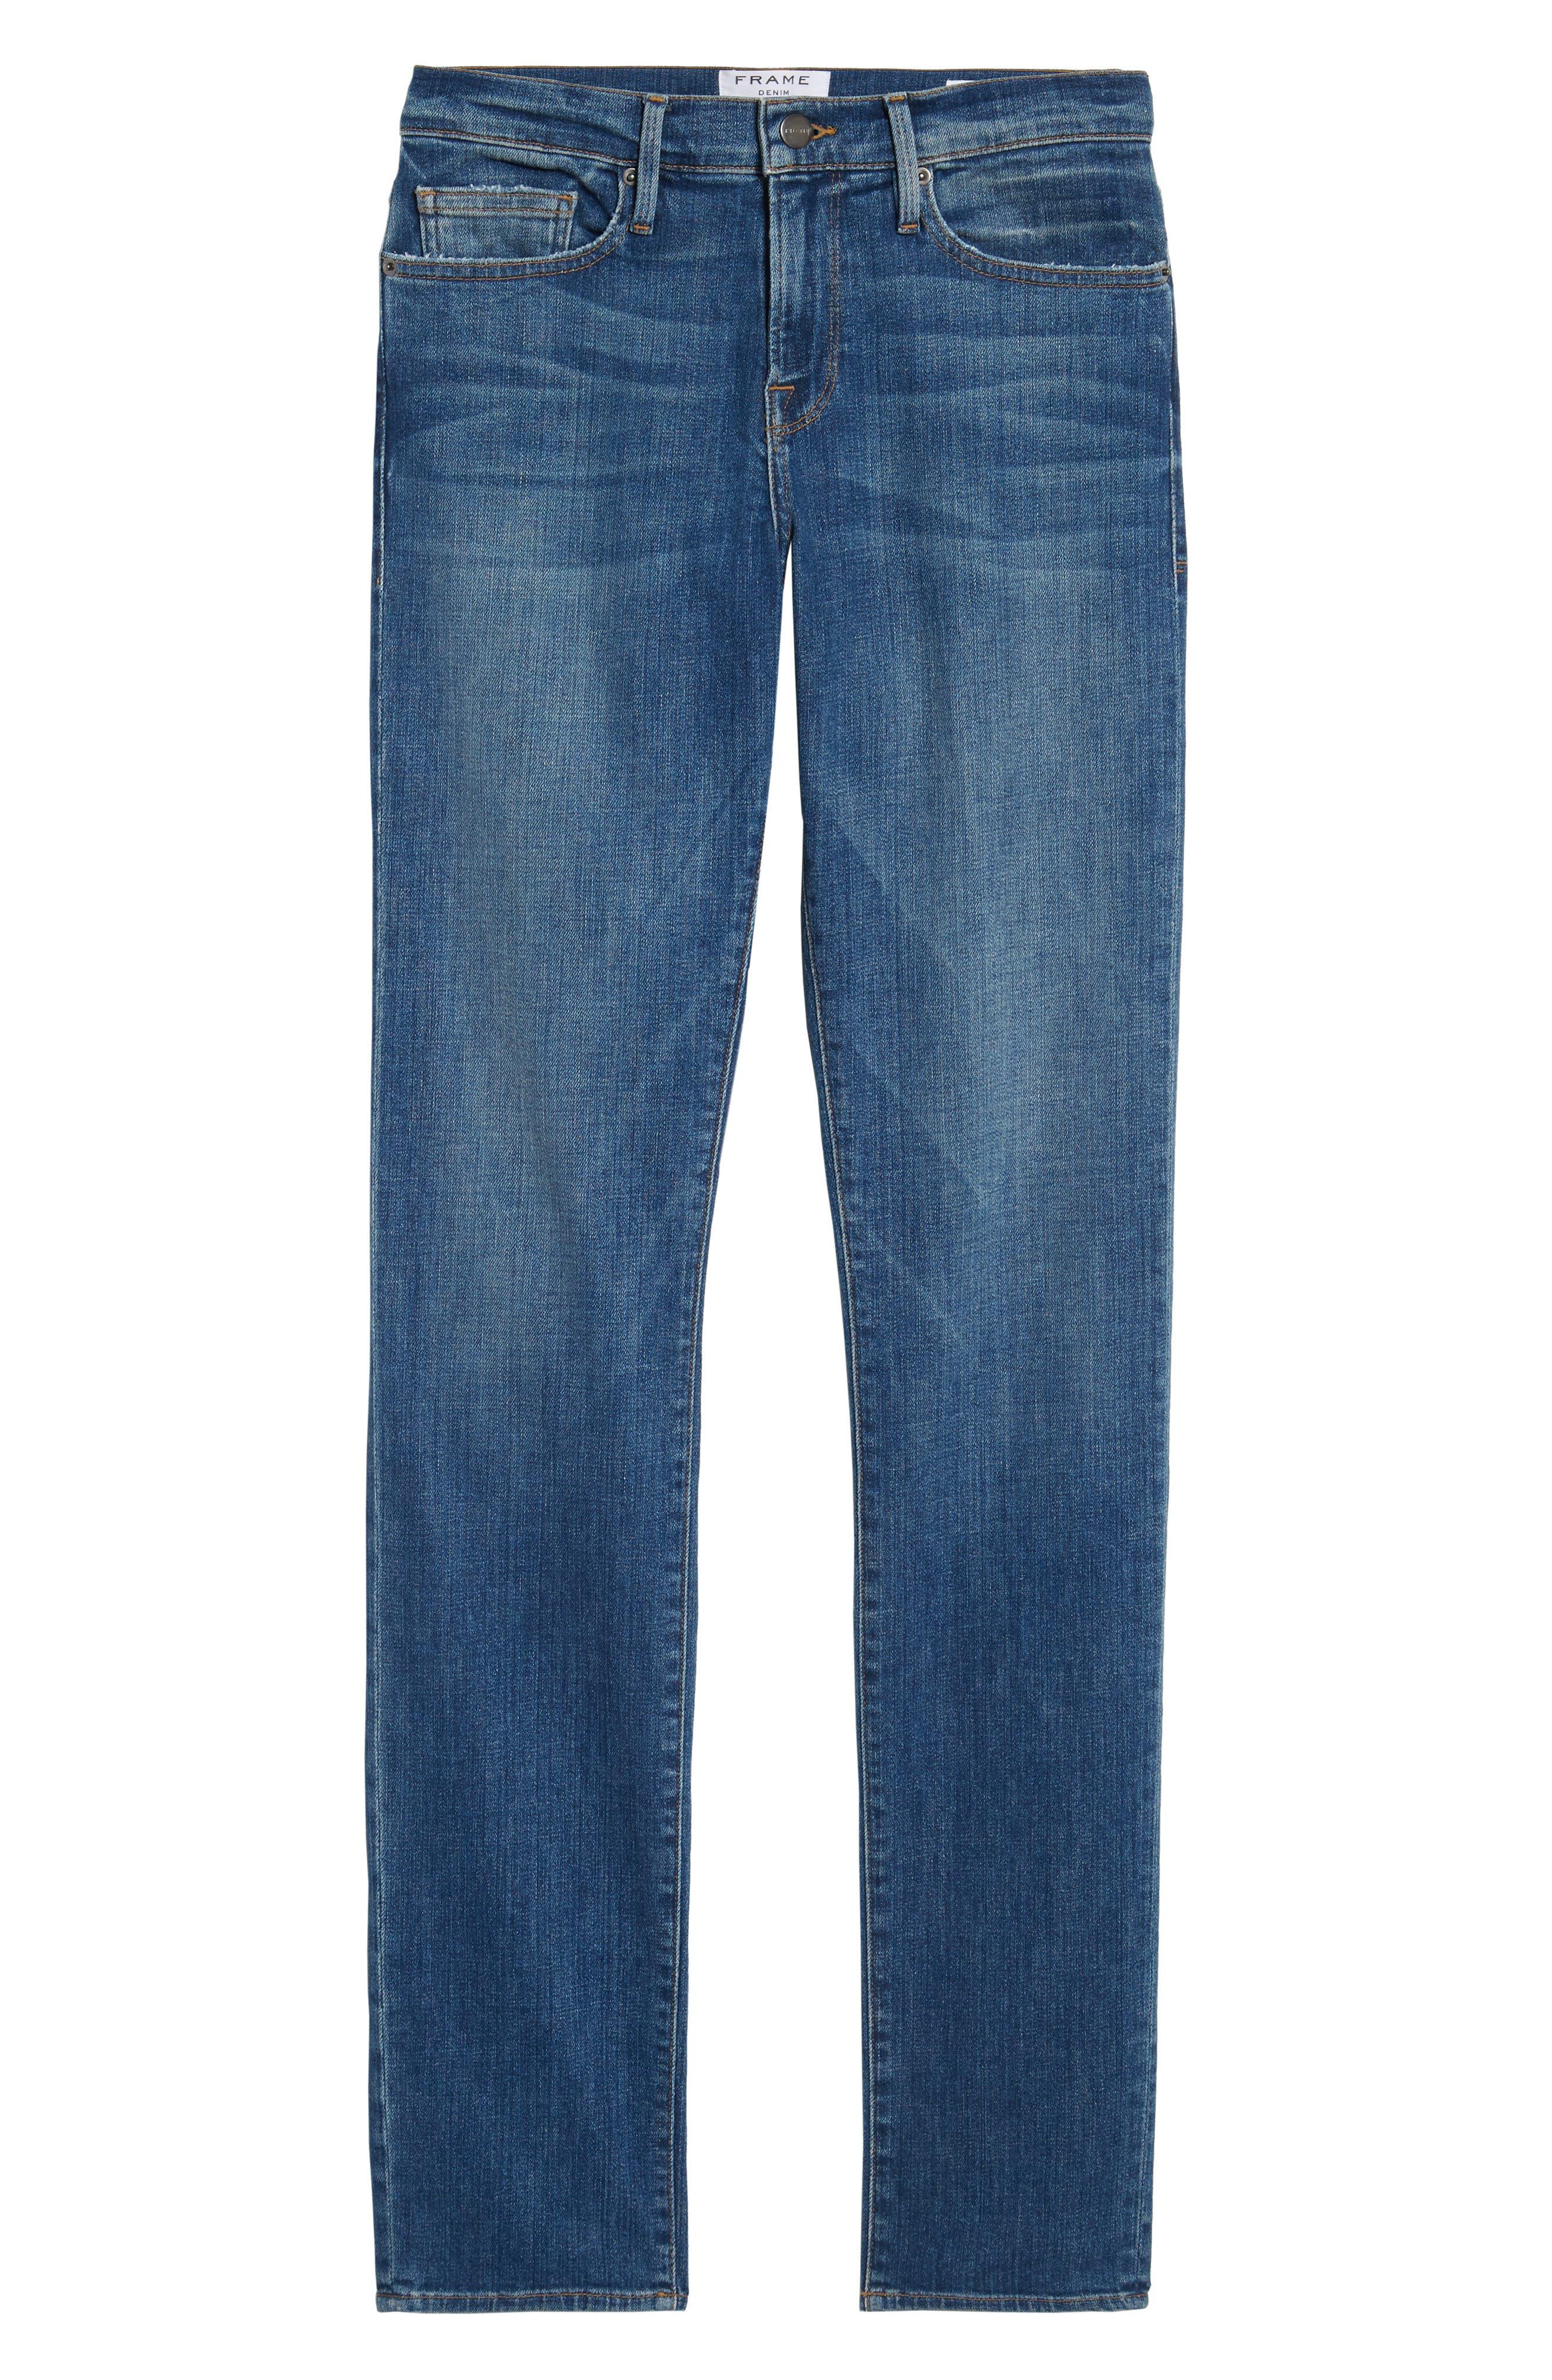 L'Homme Slim Fit Jeans,                             Alternate thumbnail 6, color,                             407